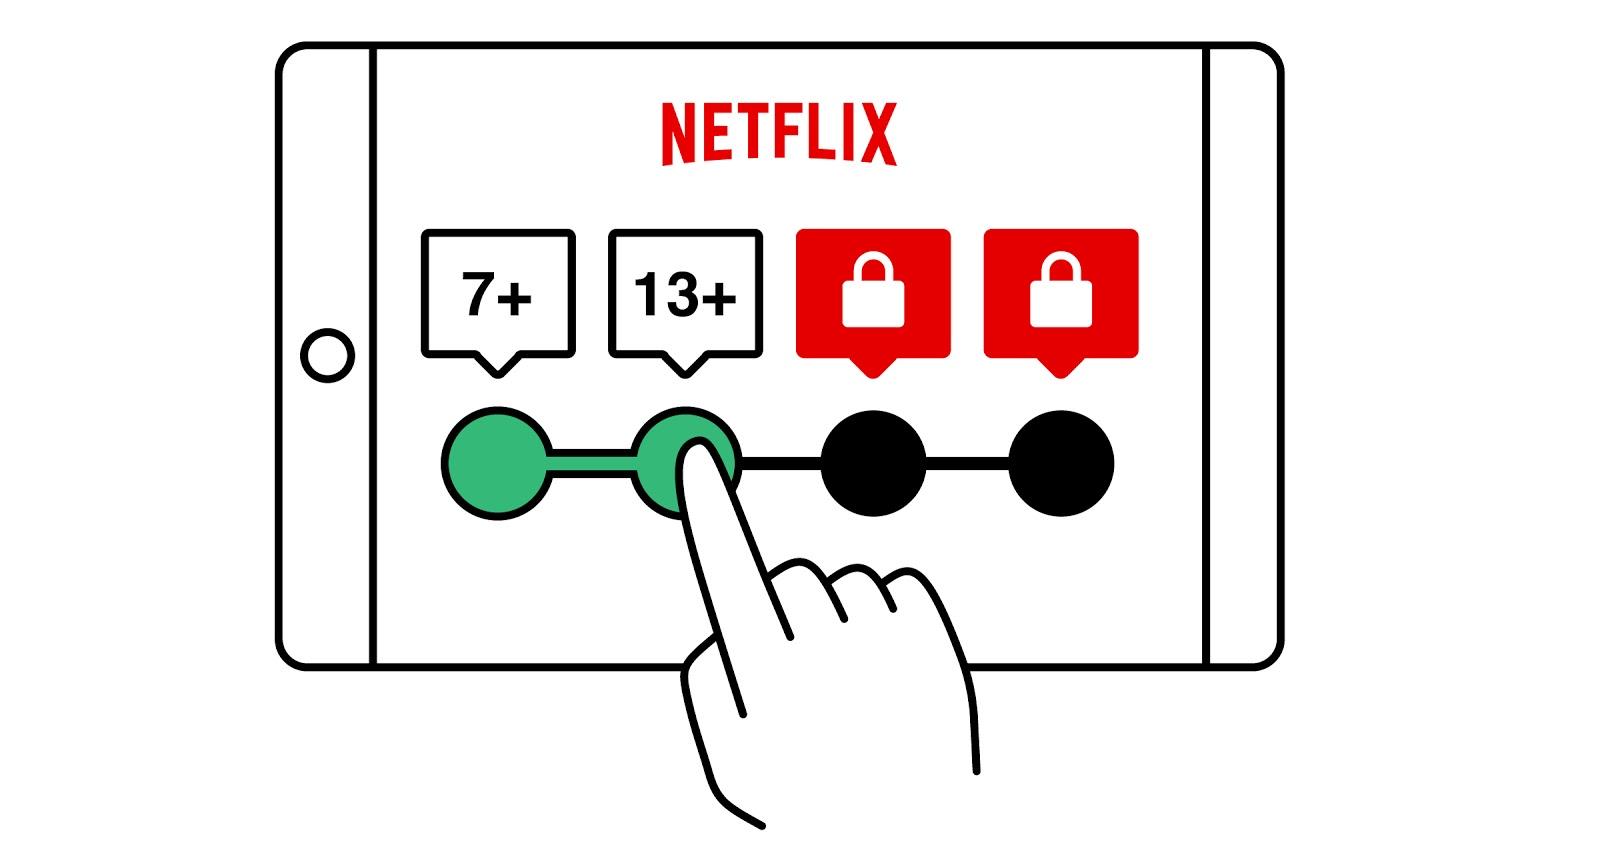 Poniendo una clave al perfil de Netflix